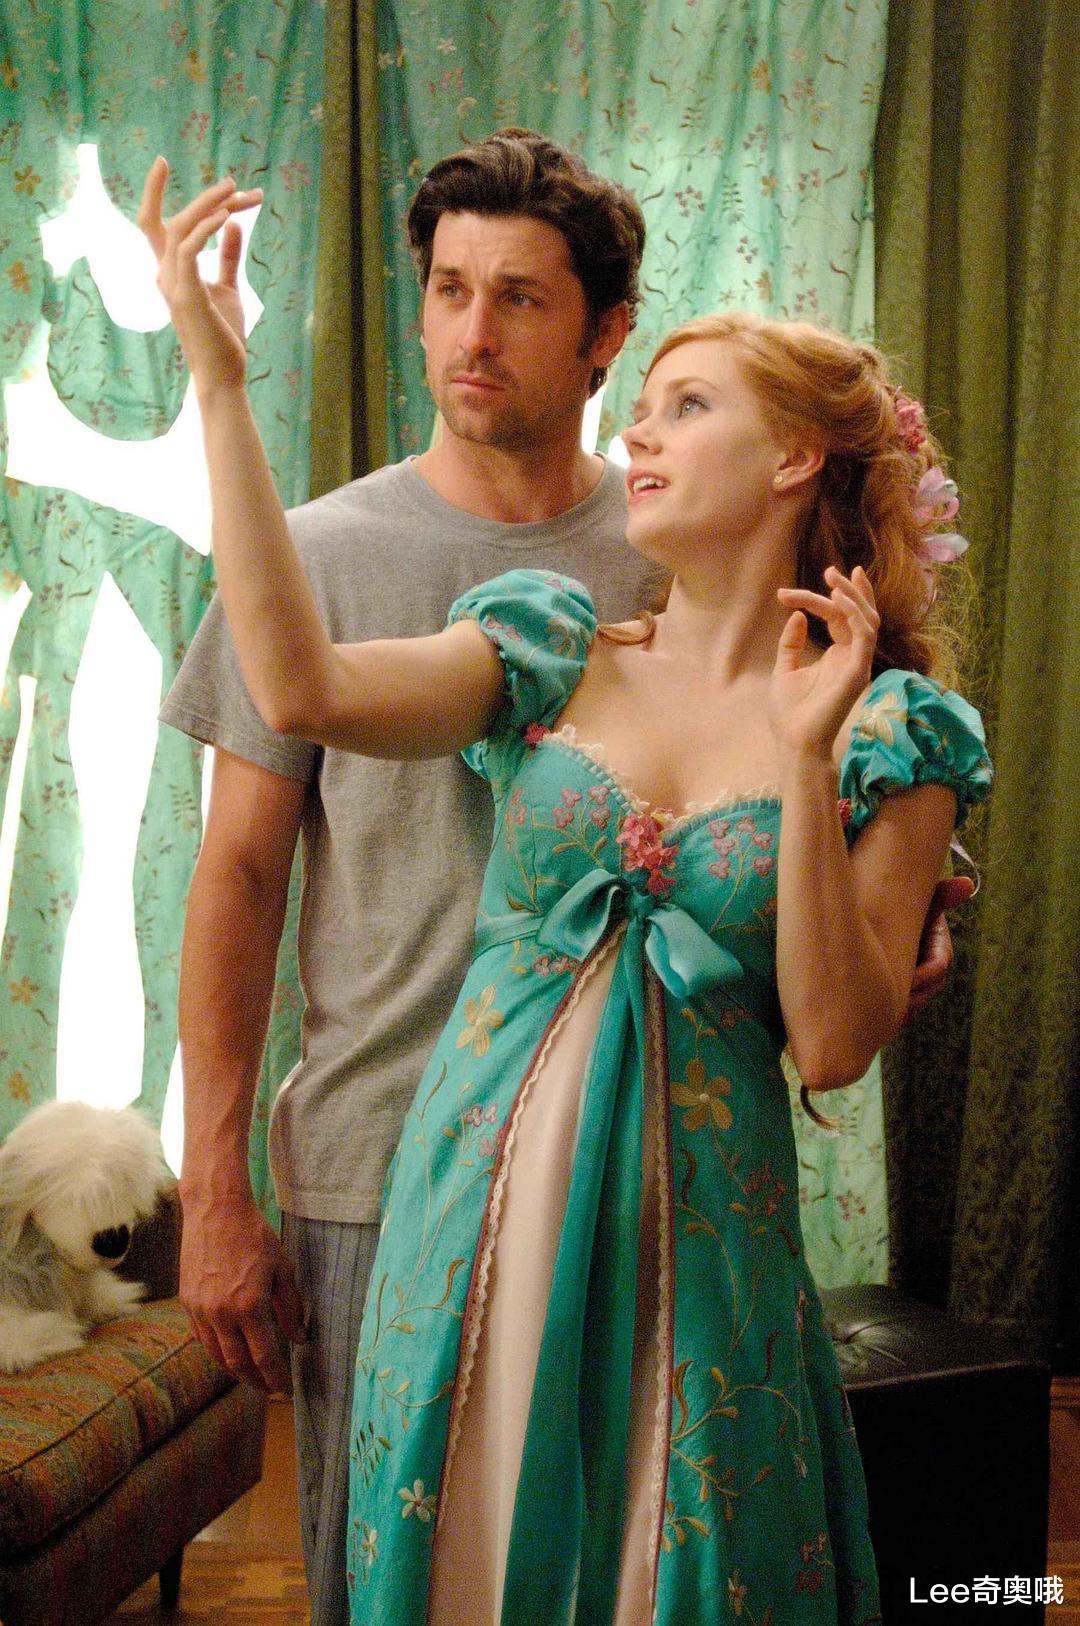 《魔法奇缘2:解除魔法》将于今年夏天开拍首部男女主演回归